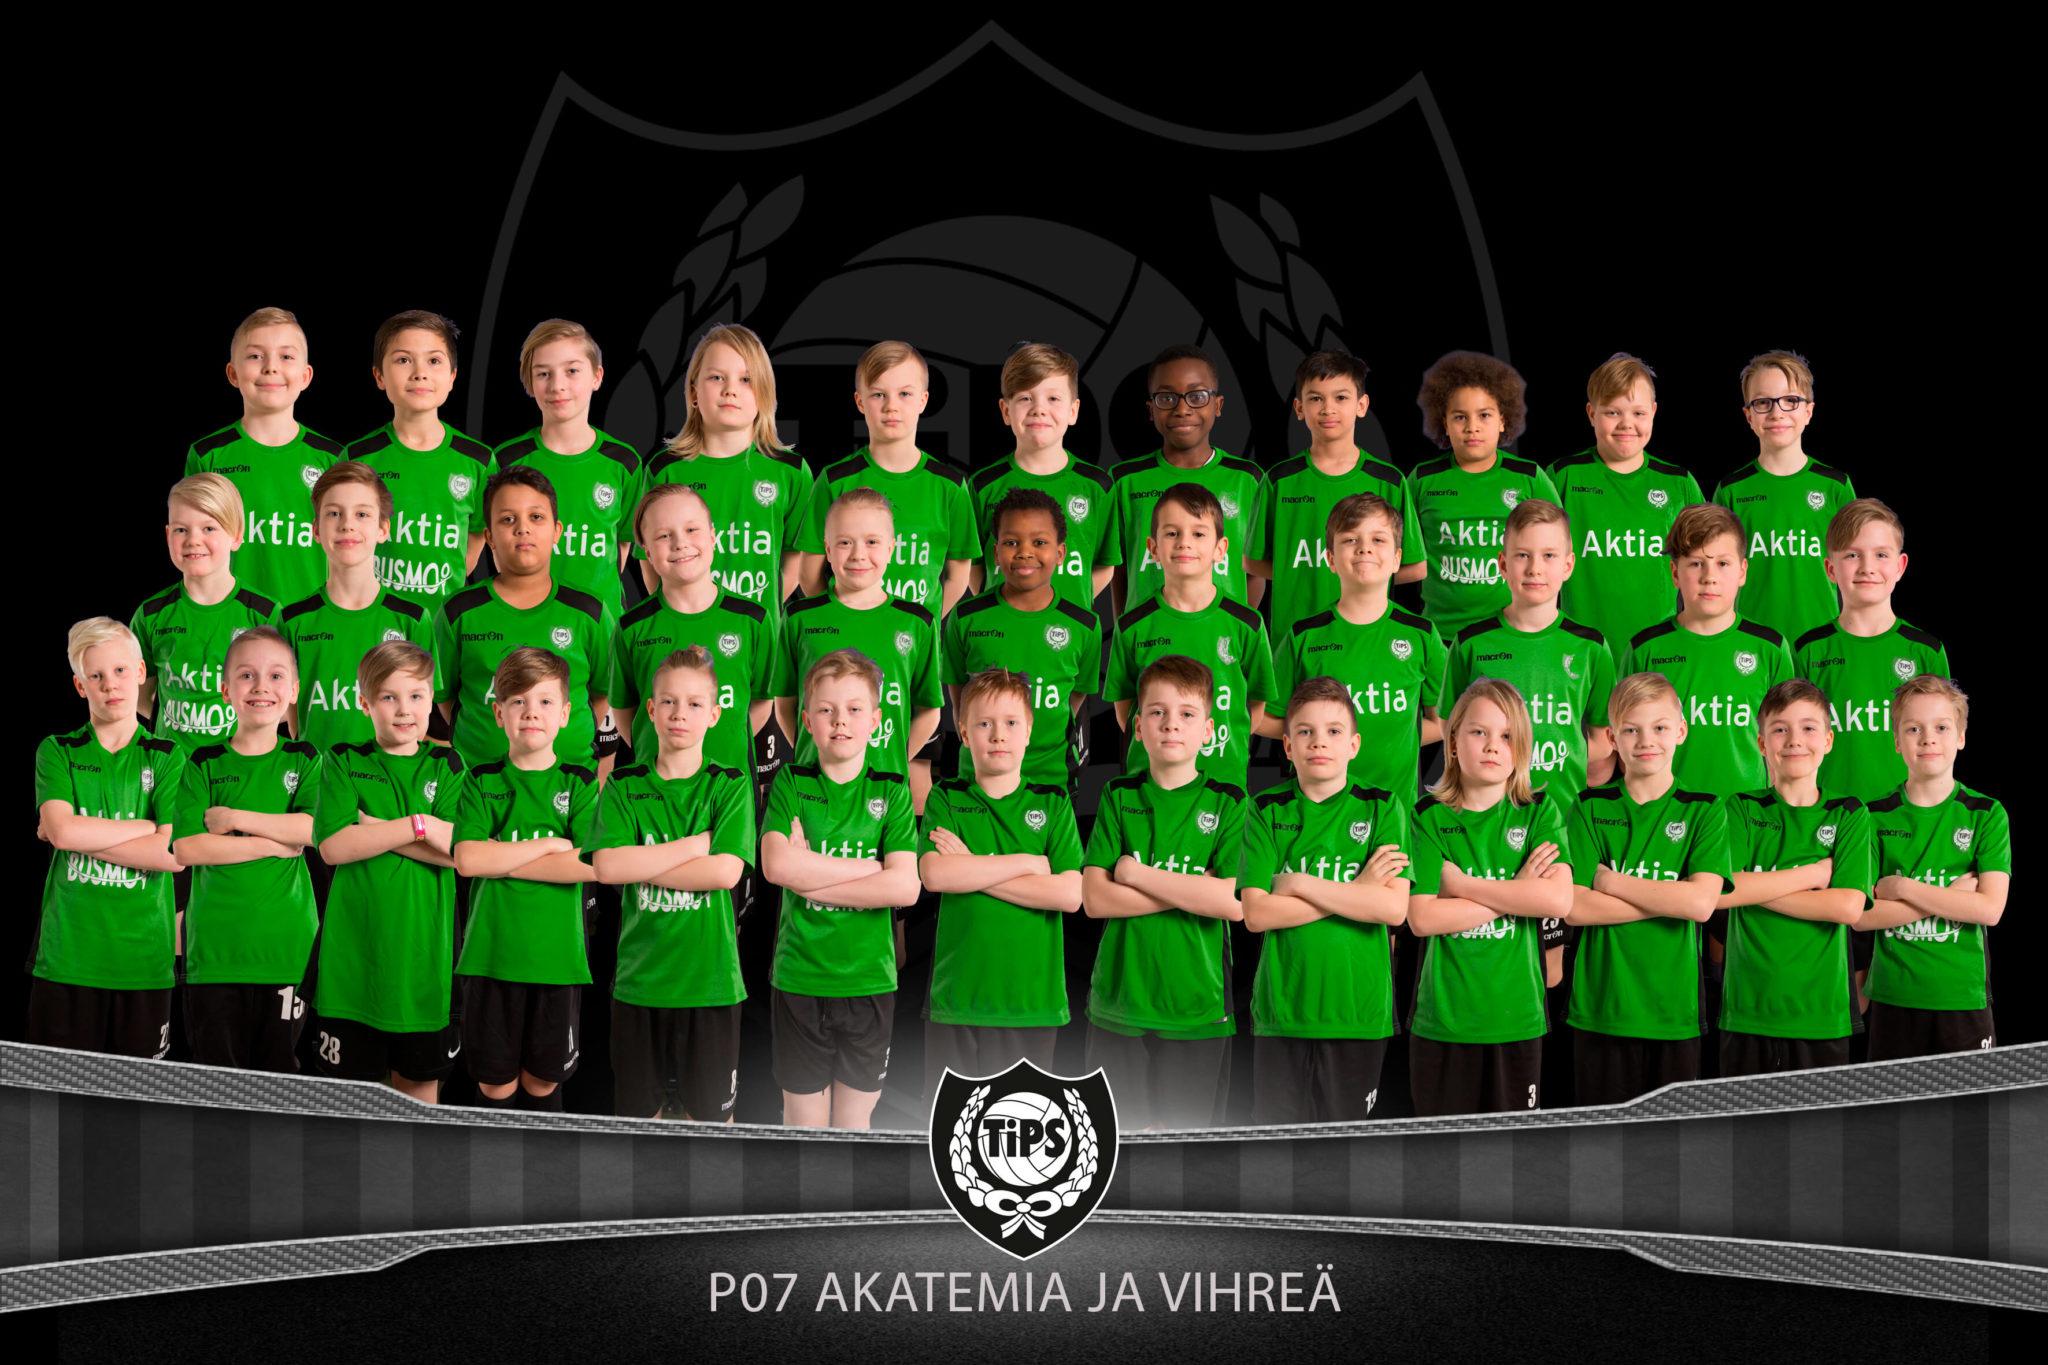 TiPS pojat 2007 Vihreä